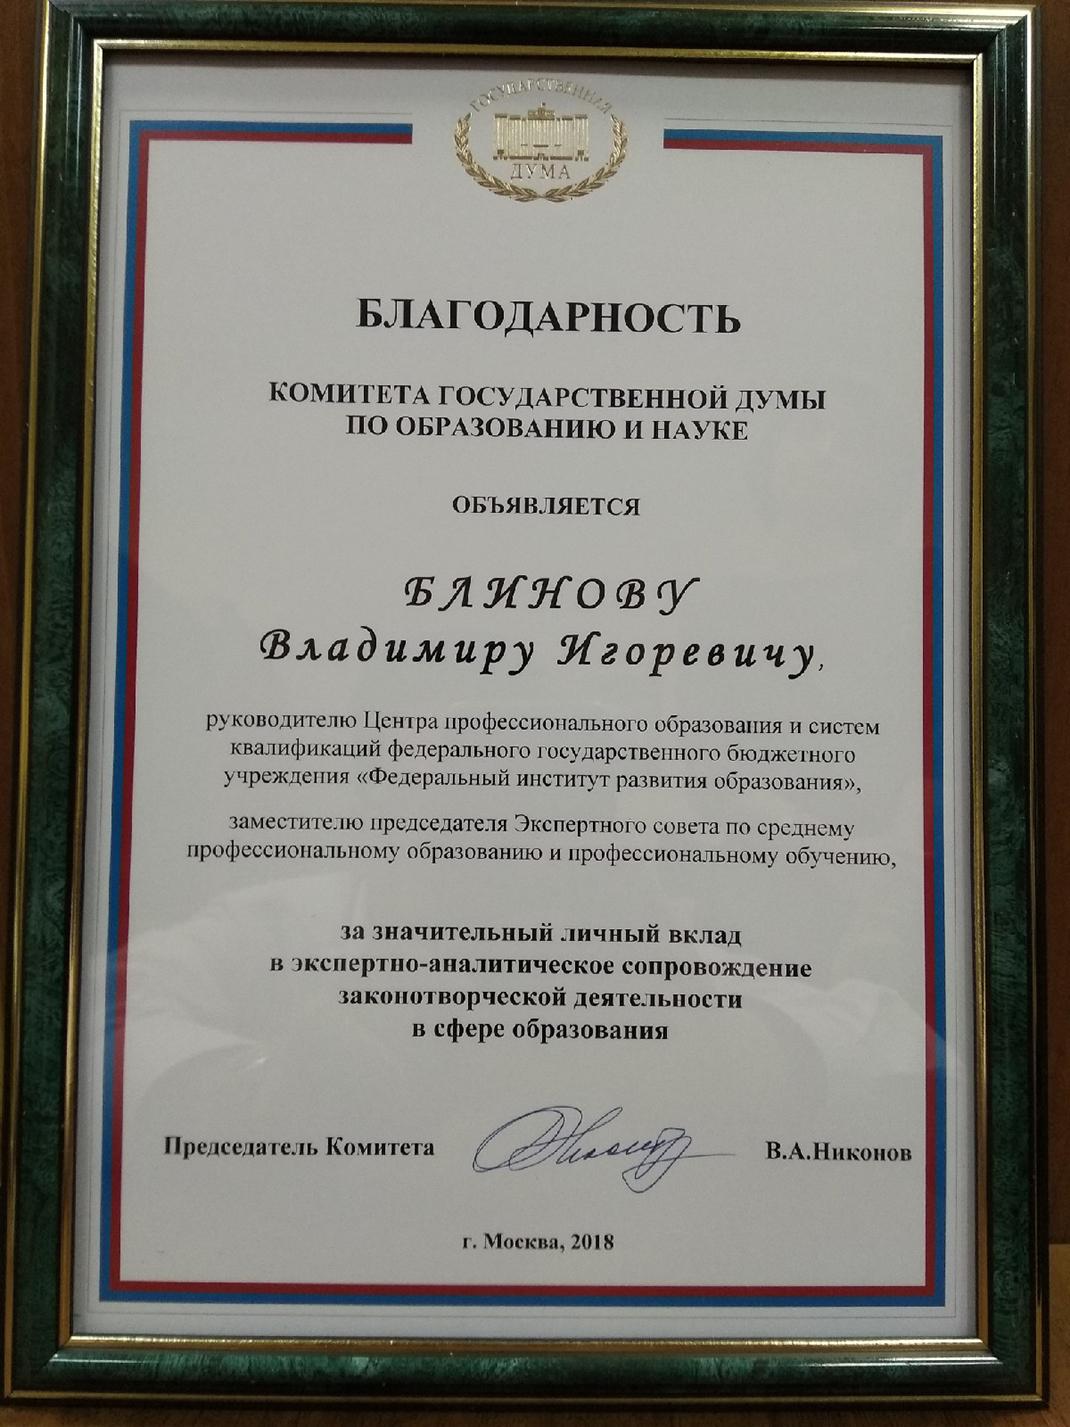 В Академии заседали Экспертные советы и рабочие группы Комитета по образованию Государственной думы